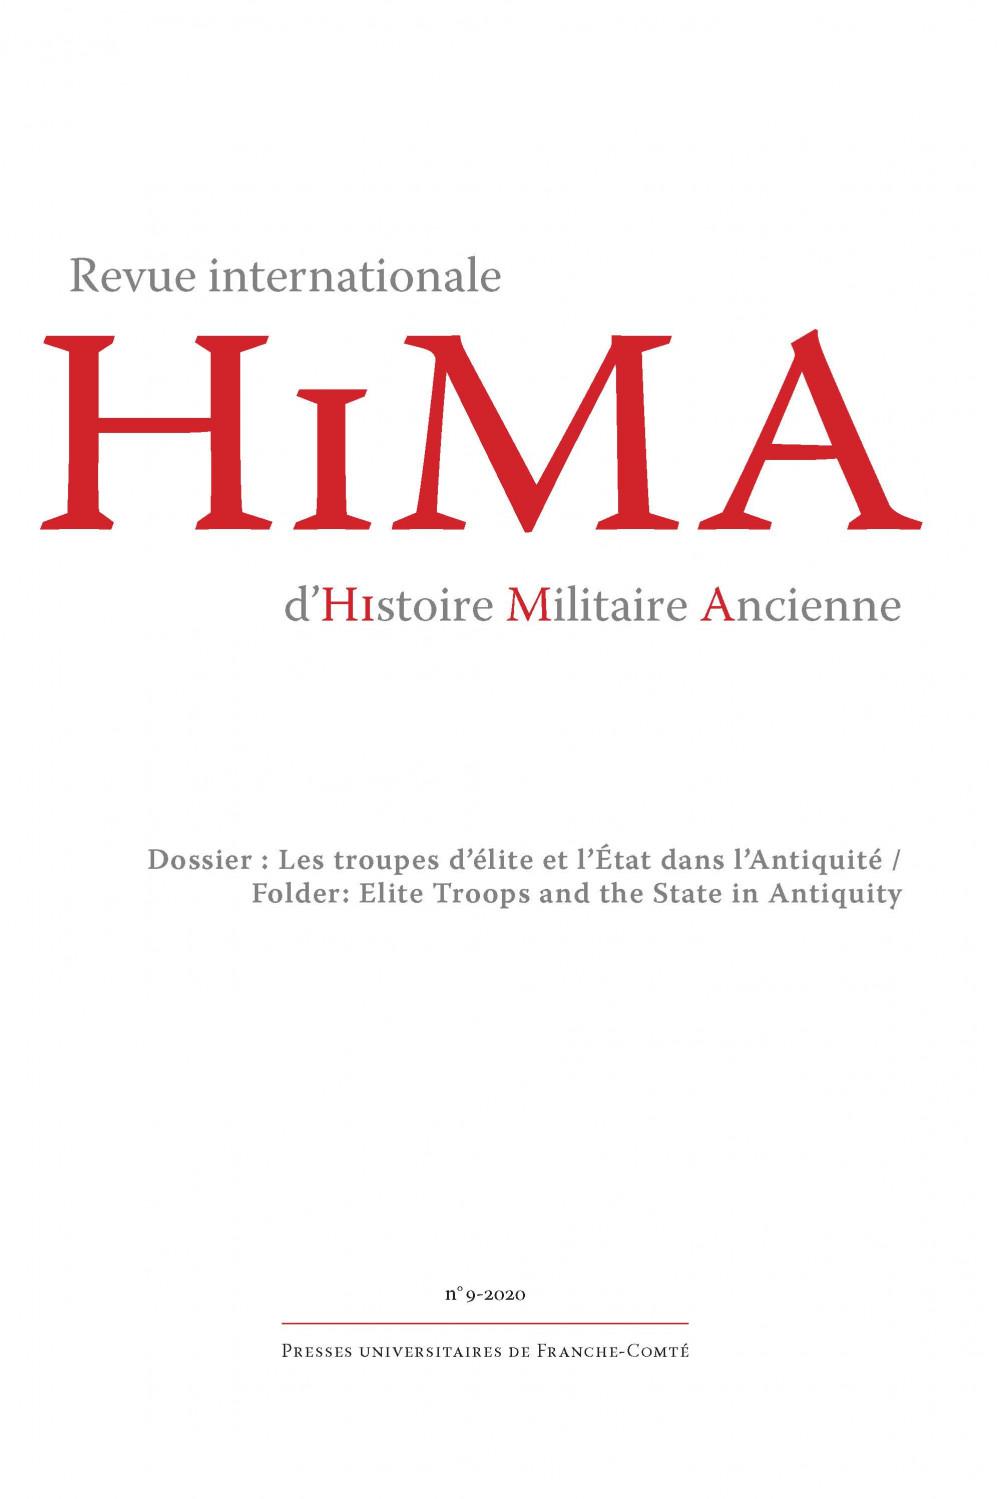 couverture de la revue Hima 9